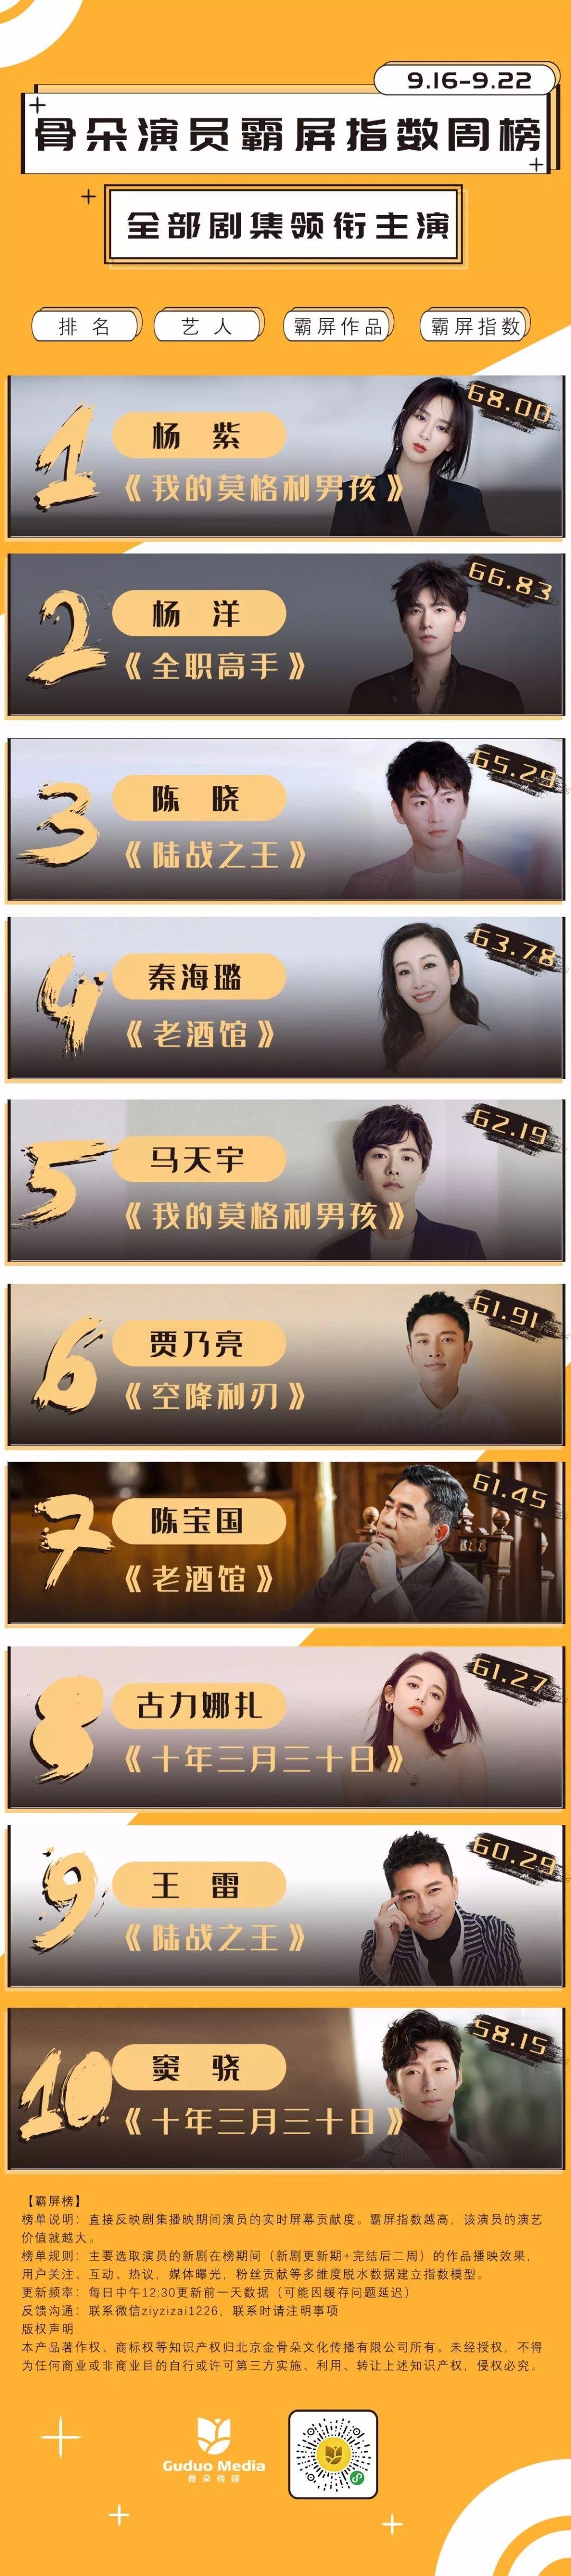 艺人周榜丨杨紫、杨洋热度持续,娜扎、窦骁跃升至榜单前五